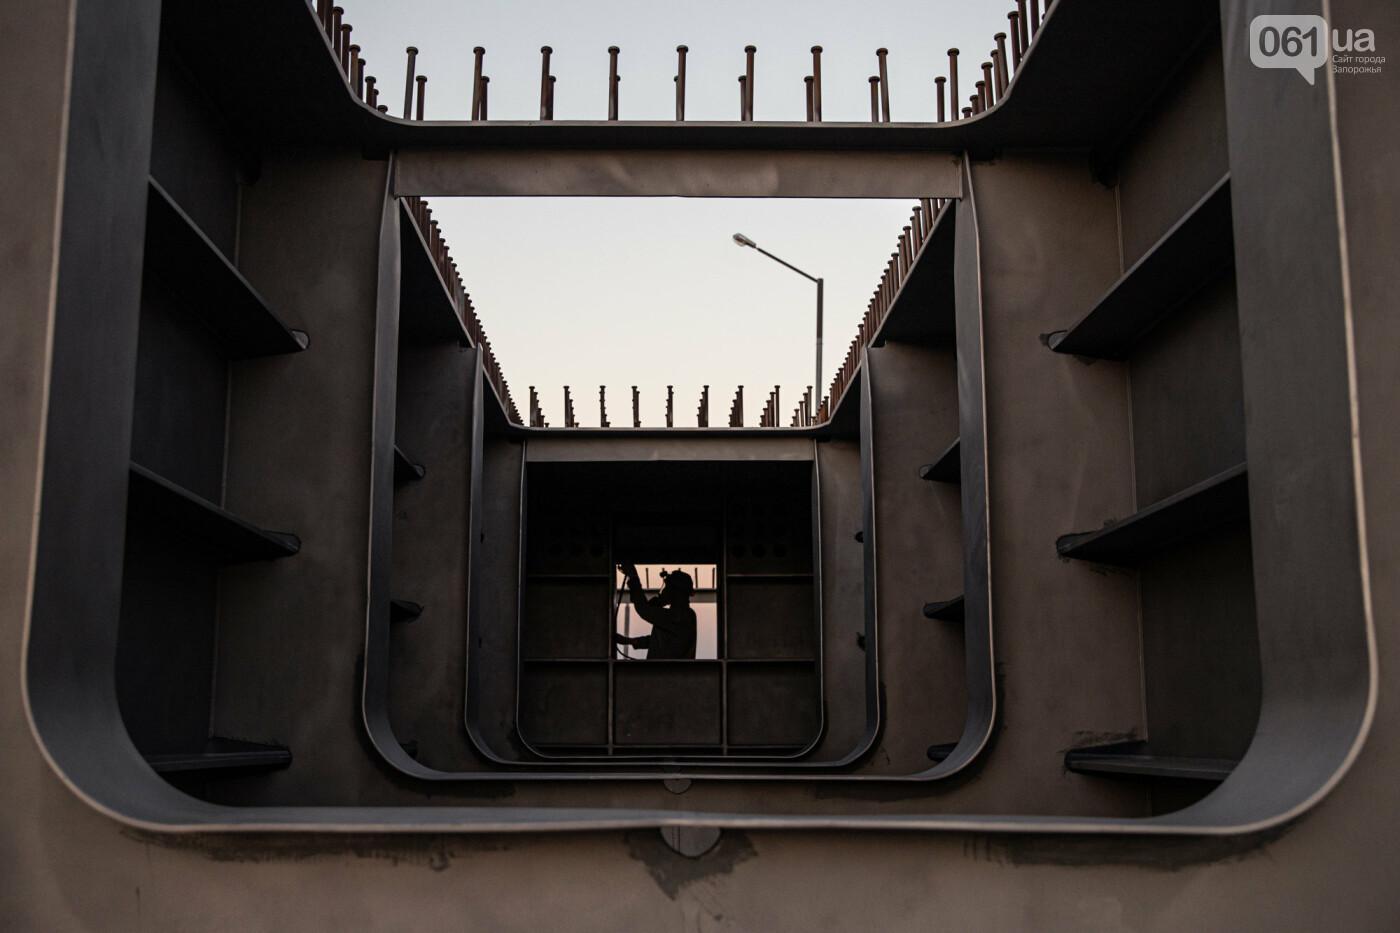 В Запорожье собирают балочный мост через Старый Днепр – строители работают даже ночью, - ФОТОРЕПОРТАЖ , фото-2